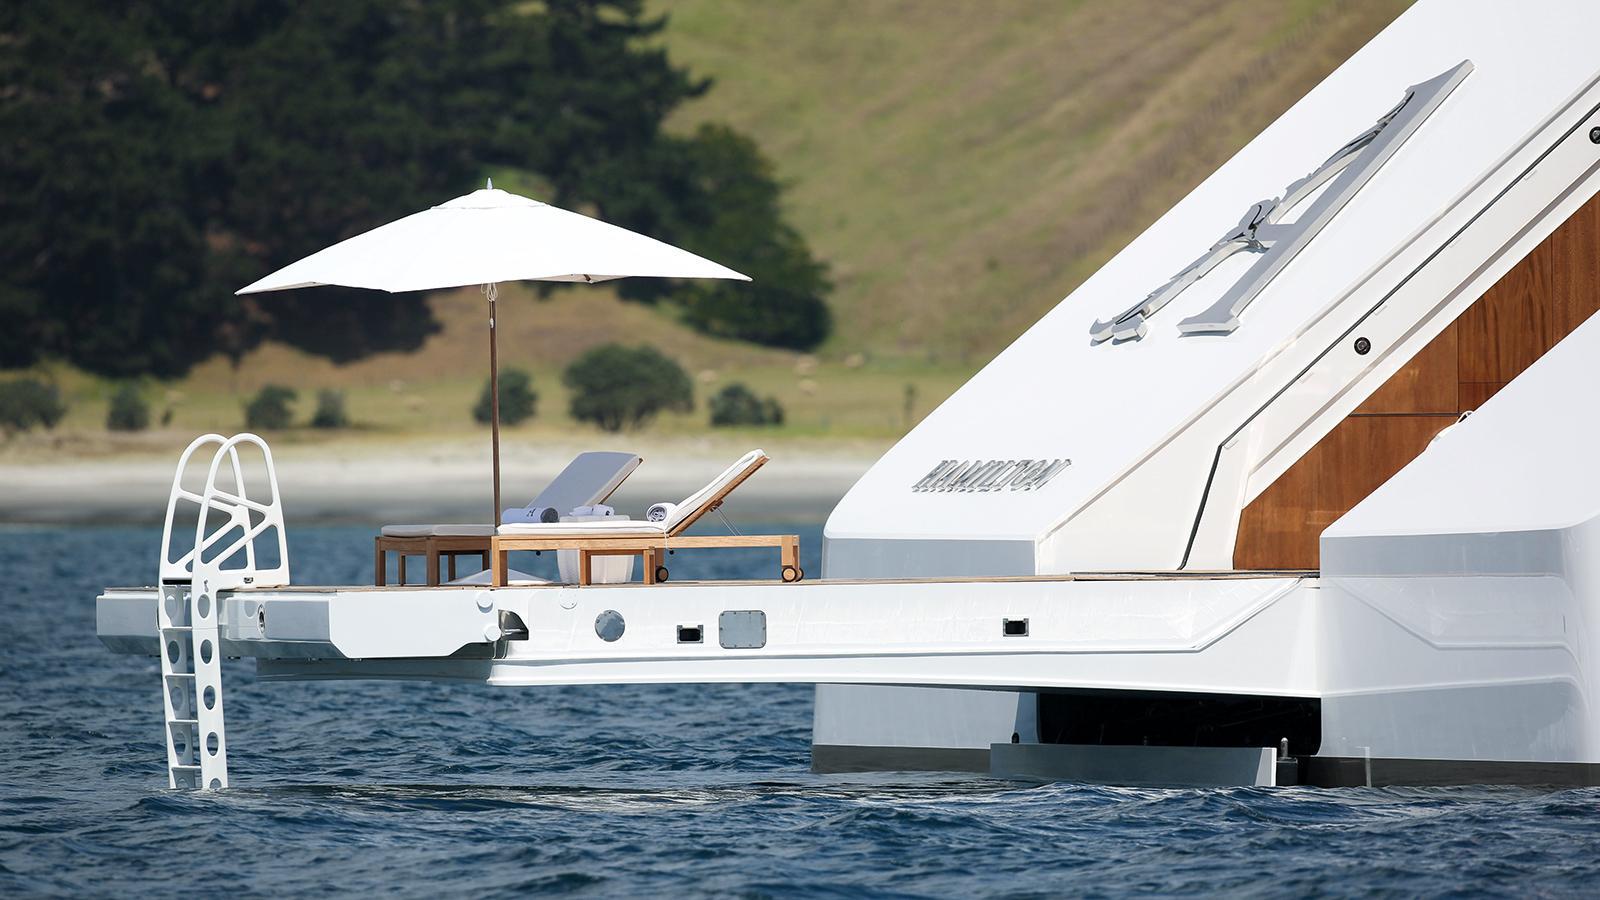 superyacht-a-motor-yacht-blohm-voss-2008-119m-bathing-platform